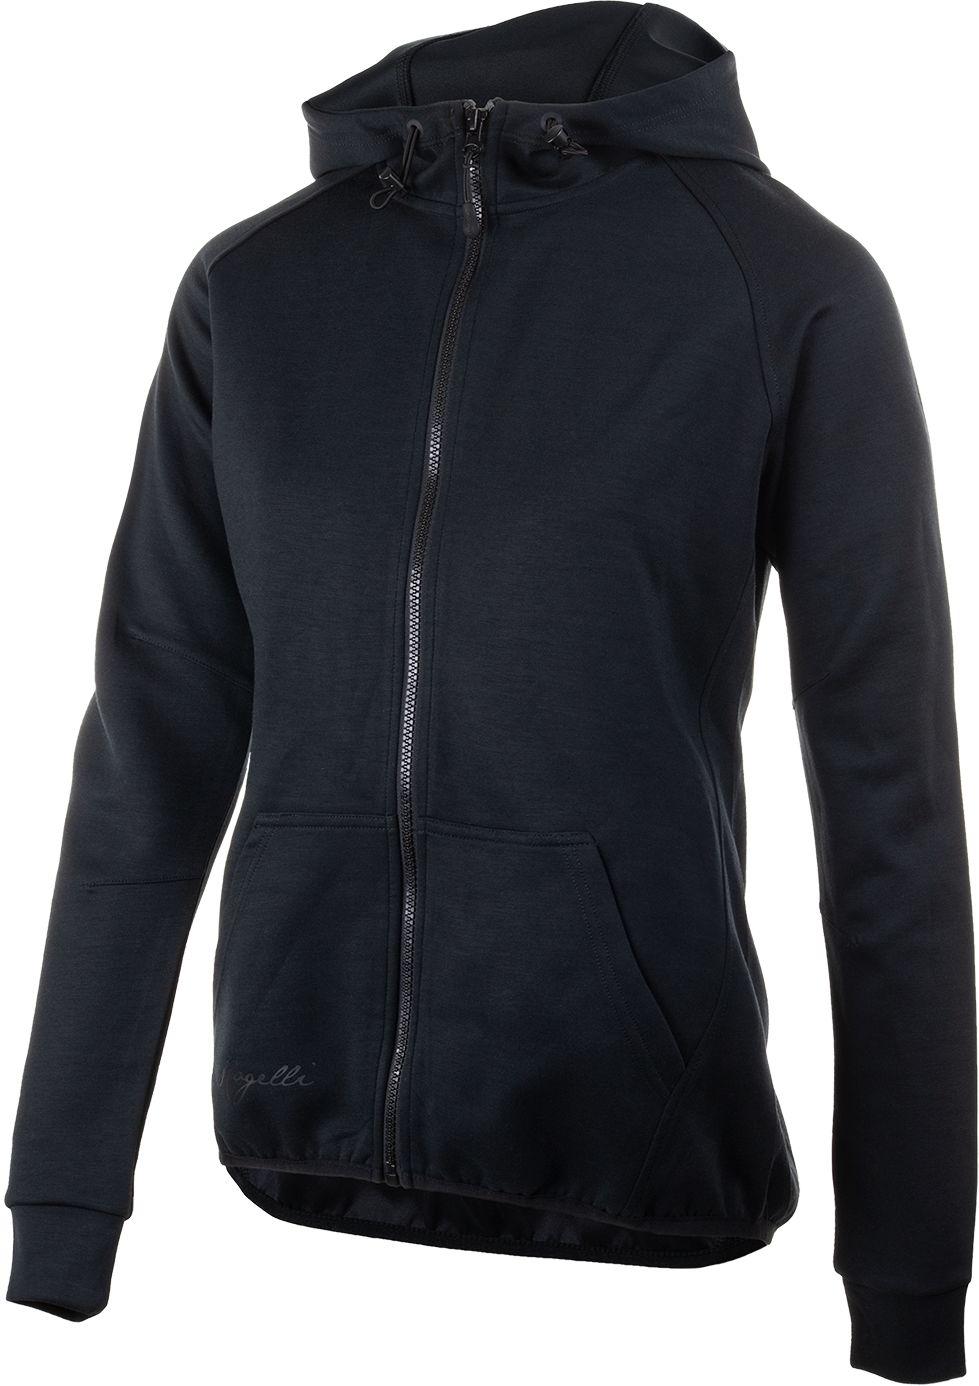 ROGELLI damska bluza z kapturem TRAINING czarna Rozmiar: 2XL,050.610.XL